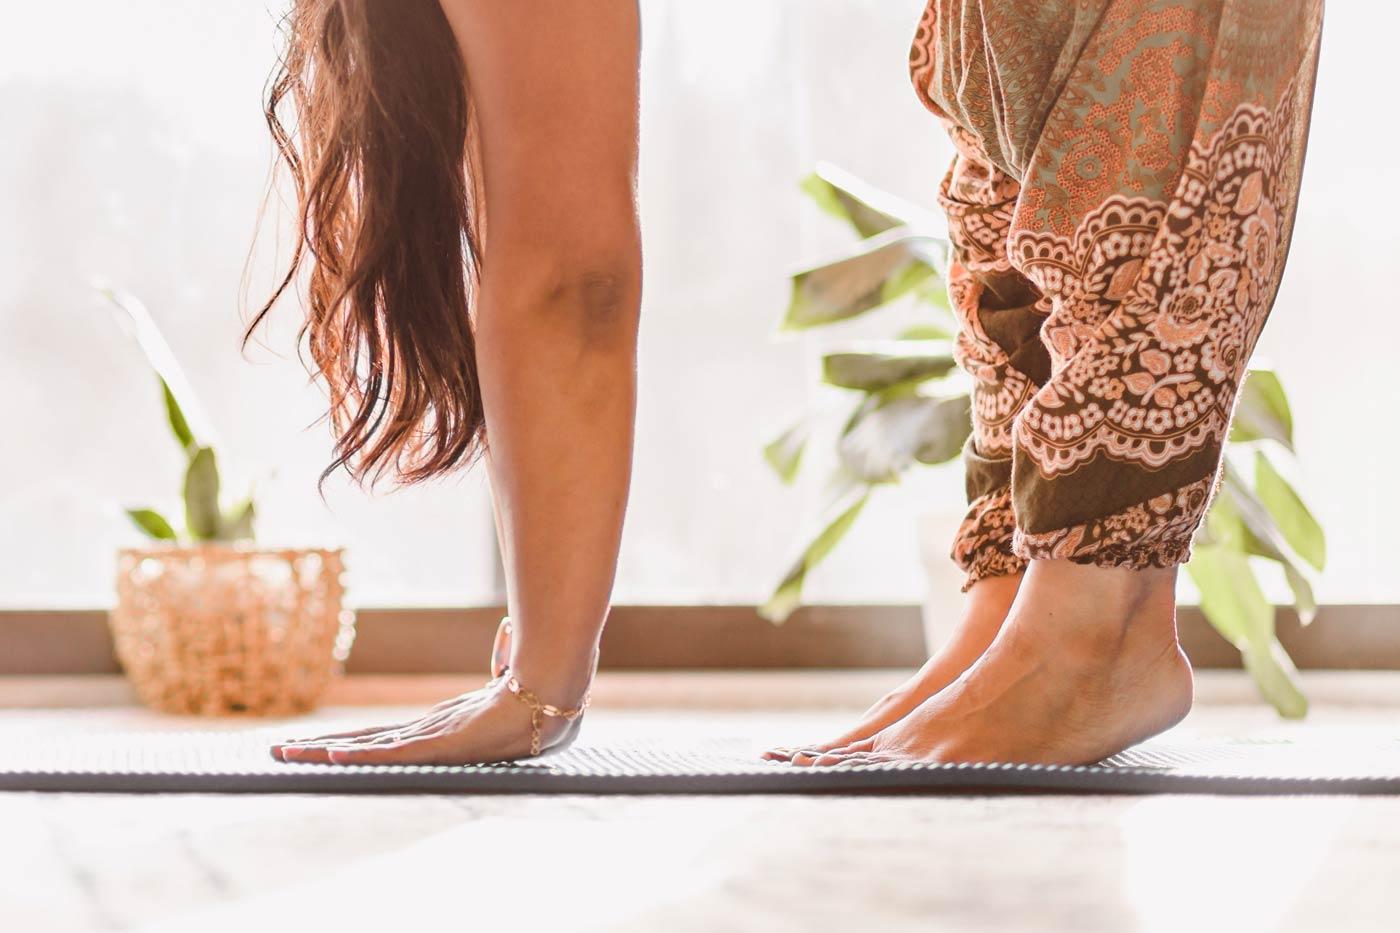 Naturalne sposoby na wzmocnienie odporności - joga.